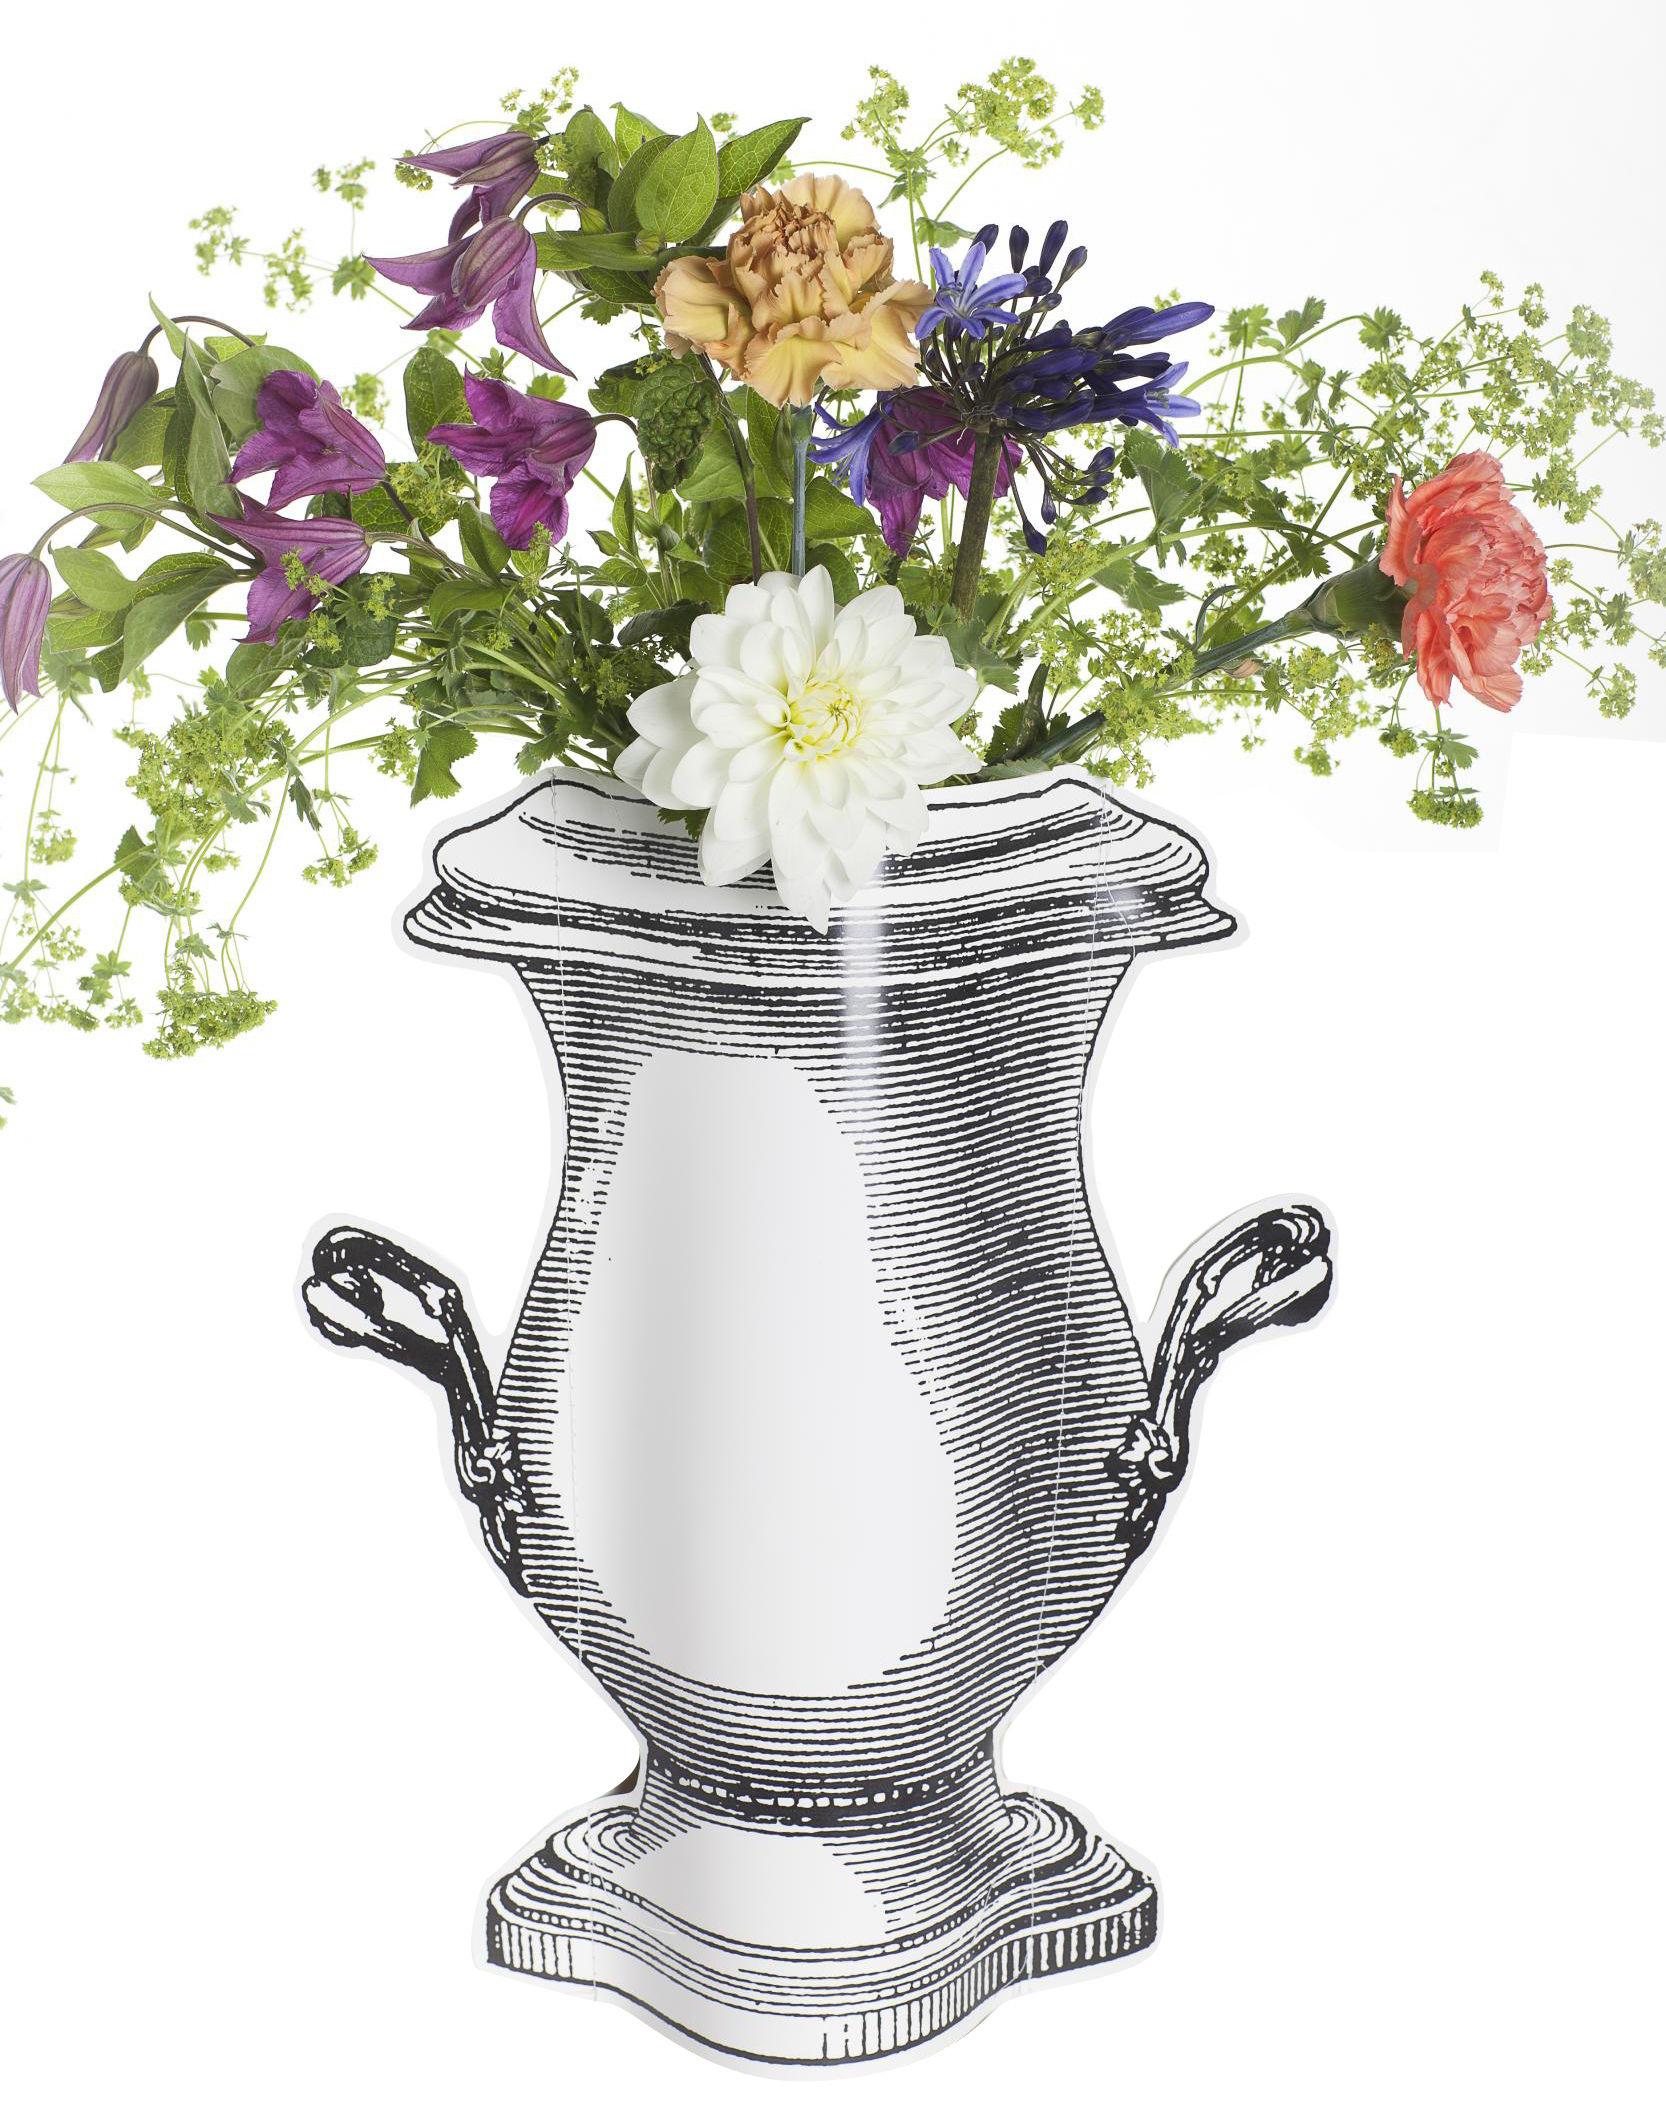 bertopf paper vase von serax schwarz wei h 32 5 x 29 5 made in design. Black Bedroom Furniture Sets. Home Design Ideas